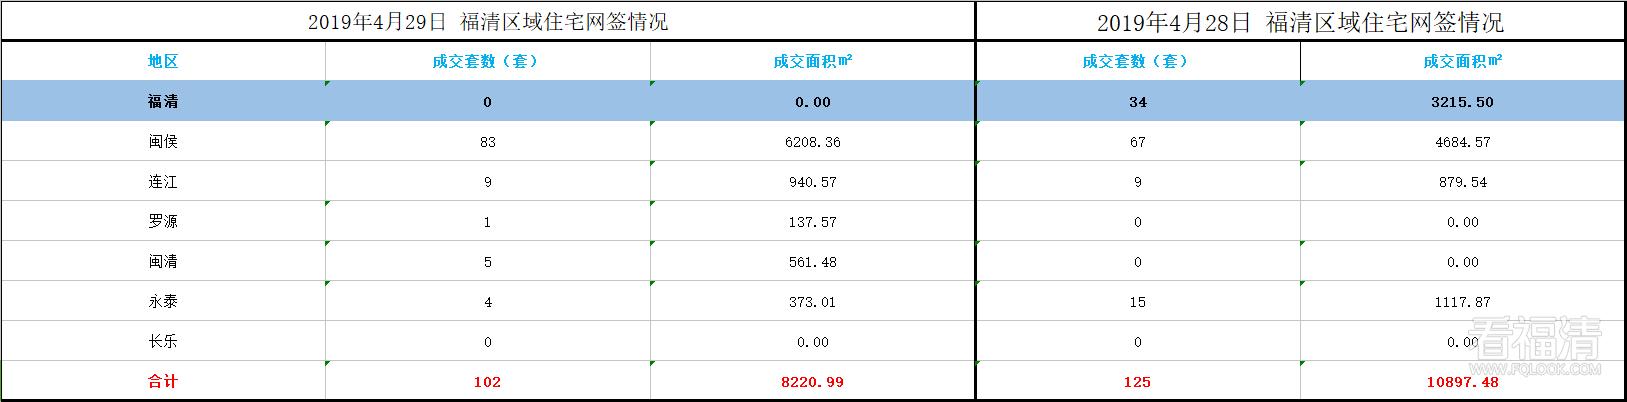 2019年4月29日 福清区域住宅网签情况